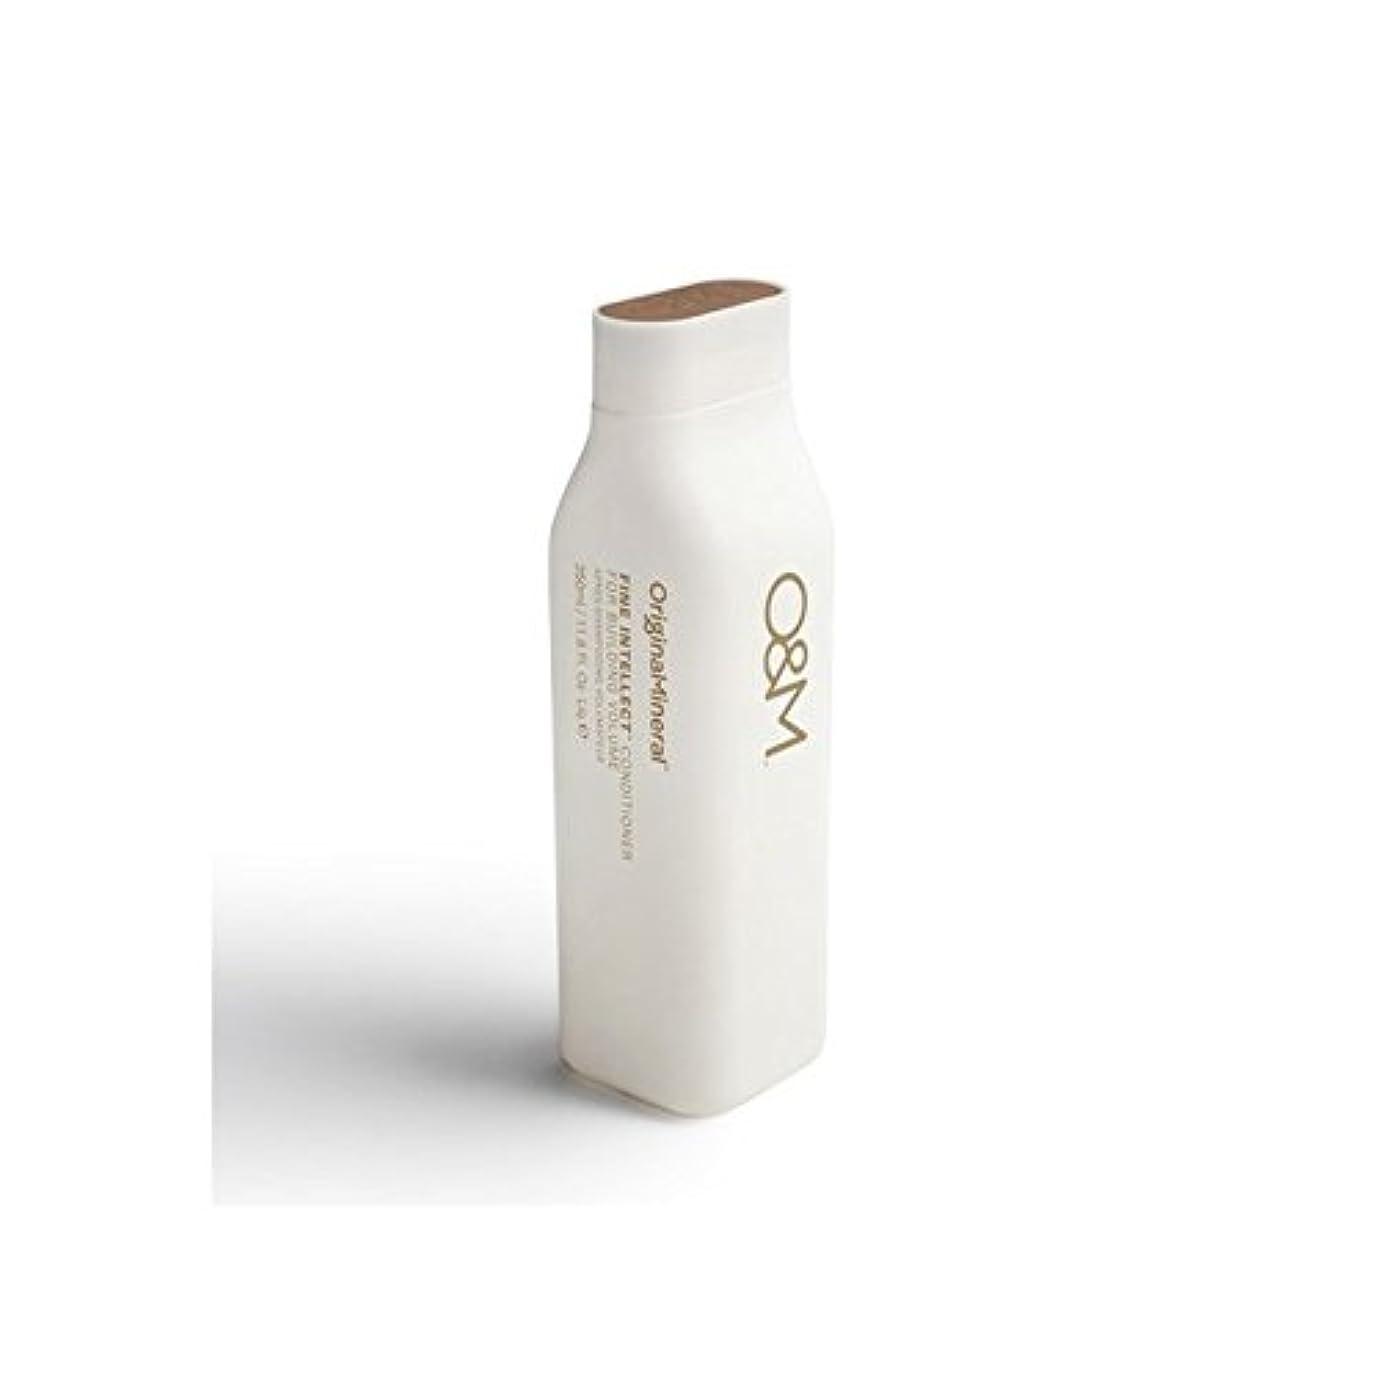 階段コジオスコポルティコOriginal & Mineral Fine Intellect Conditioner (350ml) (Pack of 6) - オリジナル&ミネラル細かい知性コンディショナー(350ミリリットル) x6 [並行輸入品]